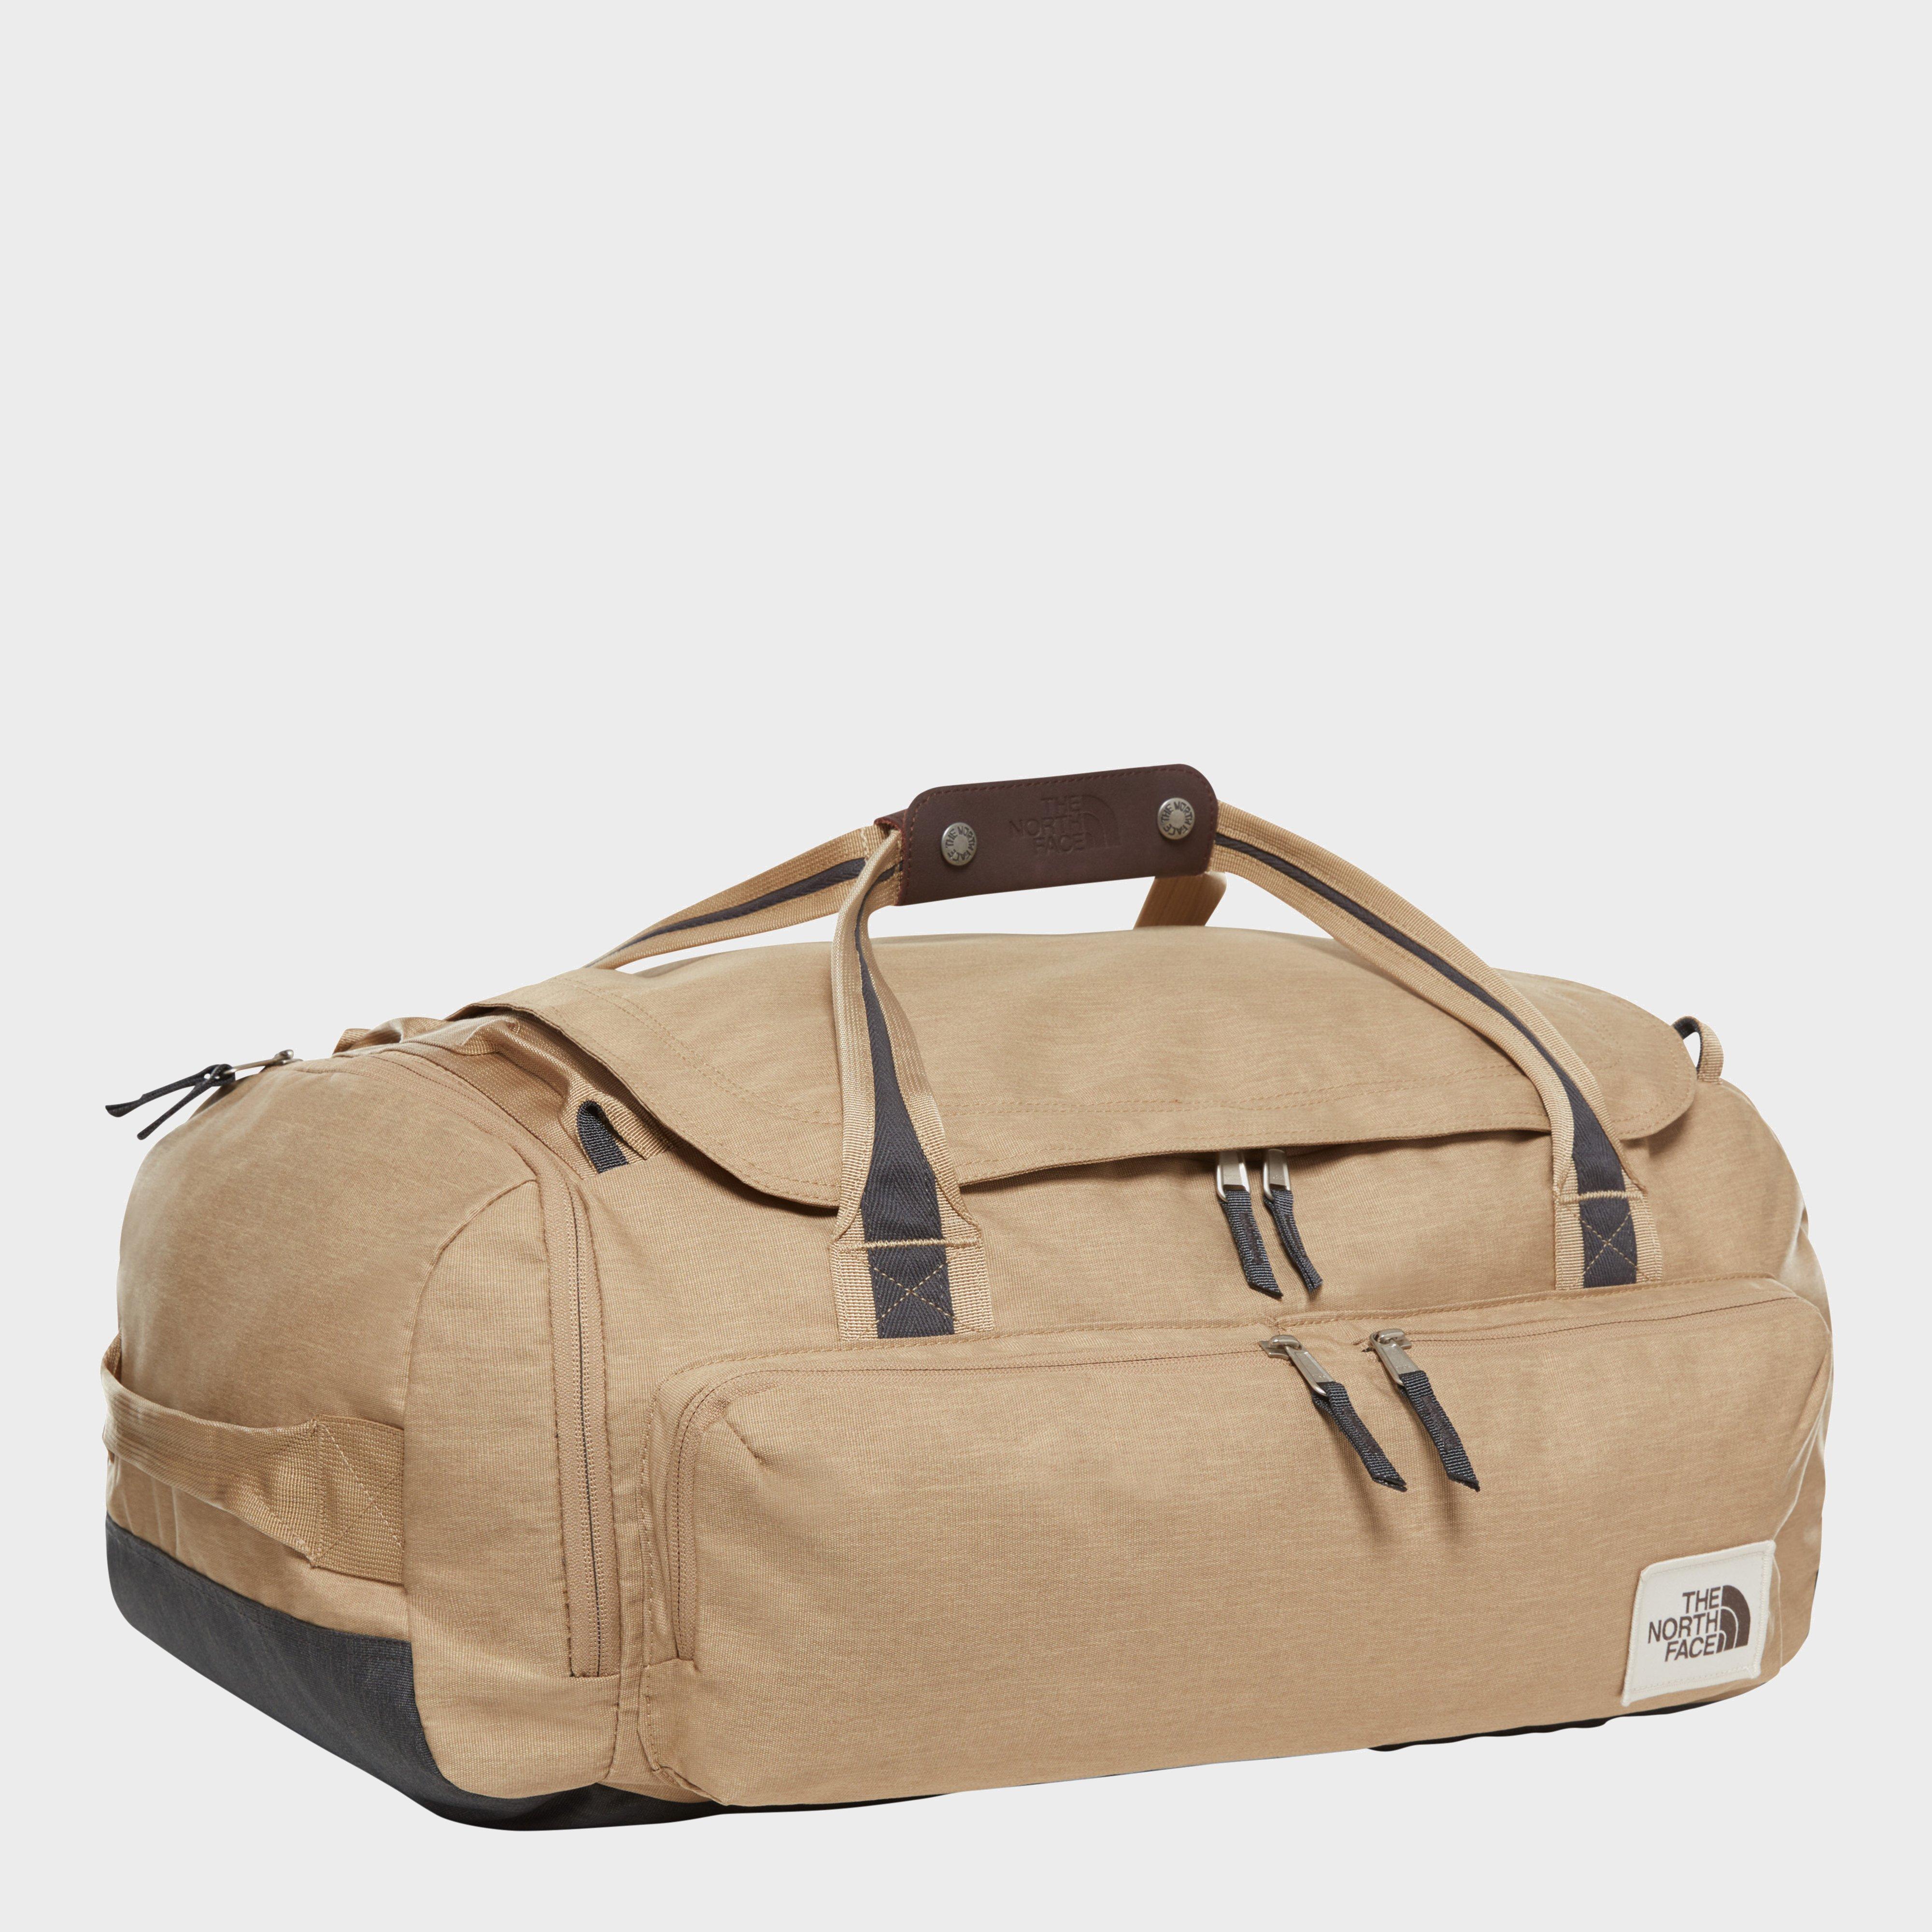 02f559f885c4 The North Face Berkeley Duffel Bag (Medium)